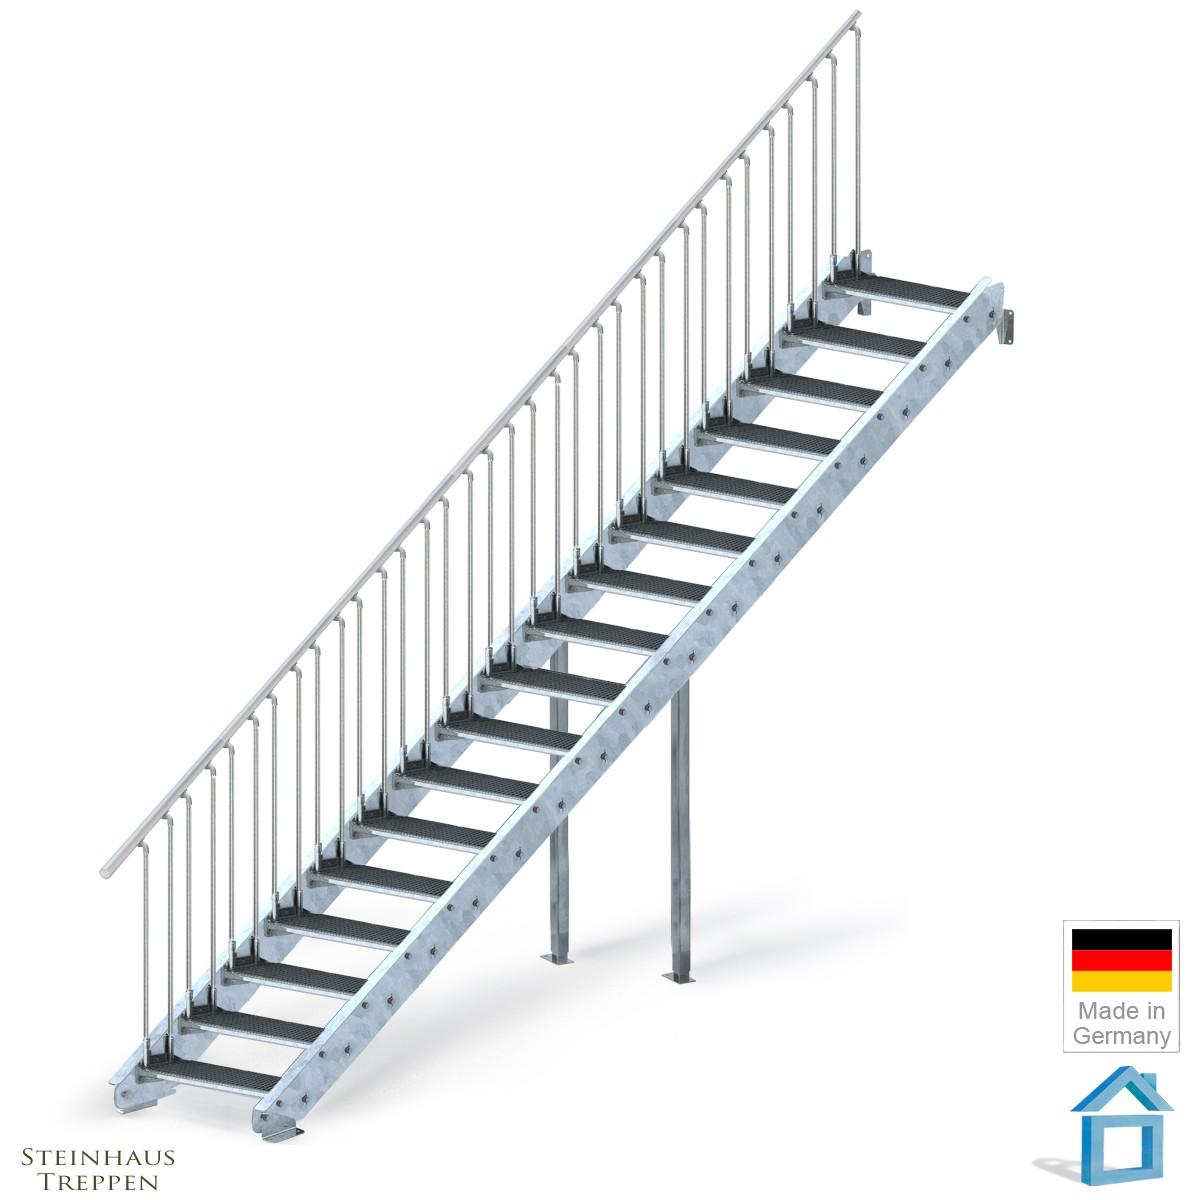 Aussentreppe Verzinkt 17 Stahlstufen Fur Hohen Bis Max 340 Cm Steinhaus Treppen Treppen Gunstig Kaufen